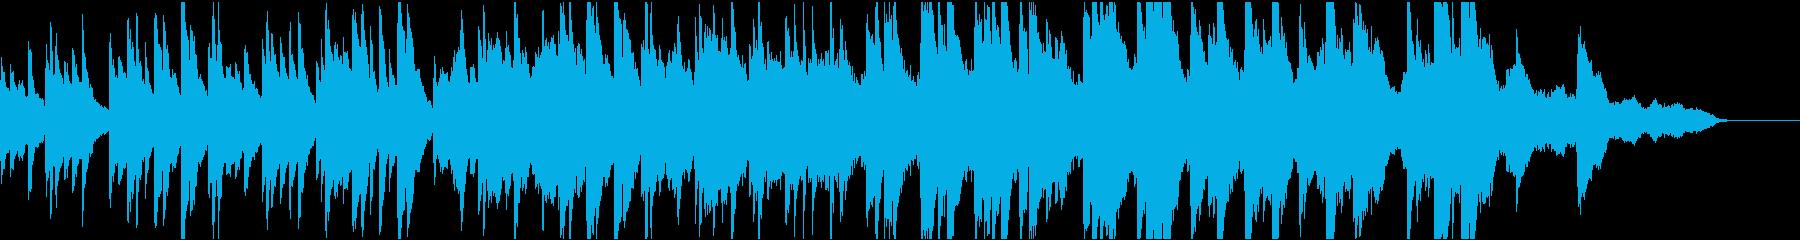 ドラマ8 16bit48kHzVerの再生済みの波形